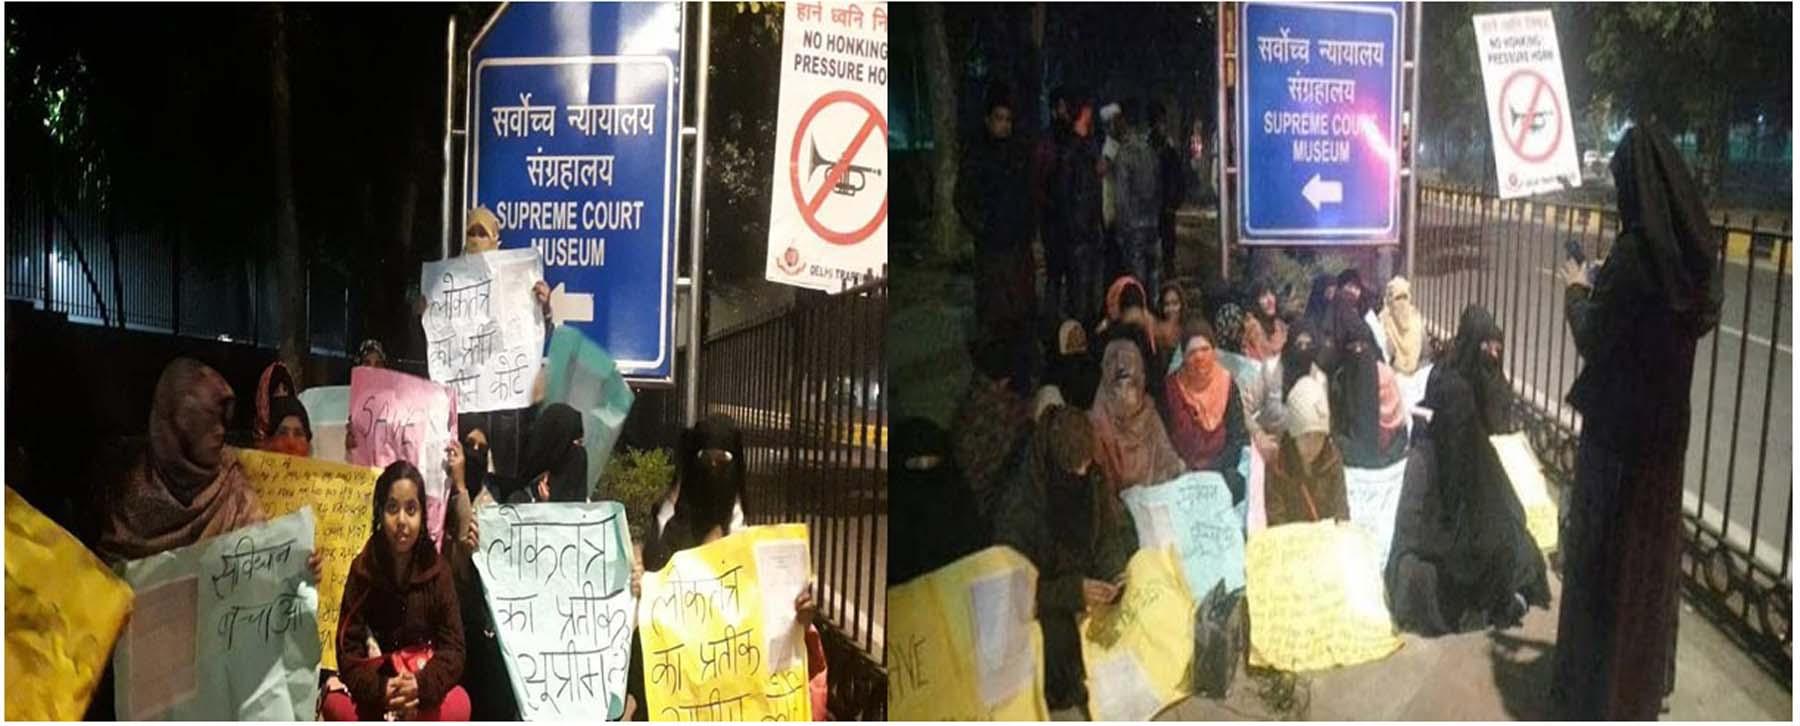 CAA पर फैसला आने से पहले रात को ही सुप्रीम कोर्ट के बाहर धरने पर बैठी महिलाएं।